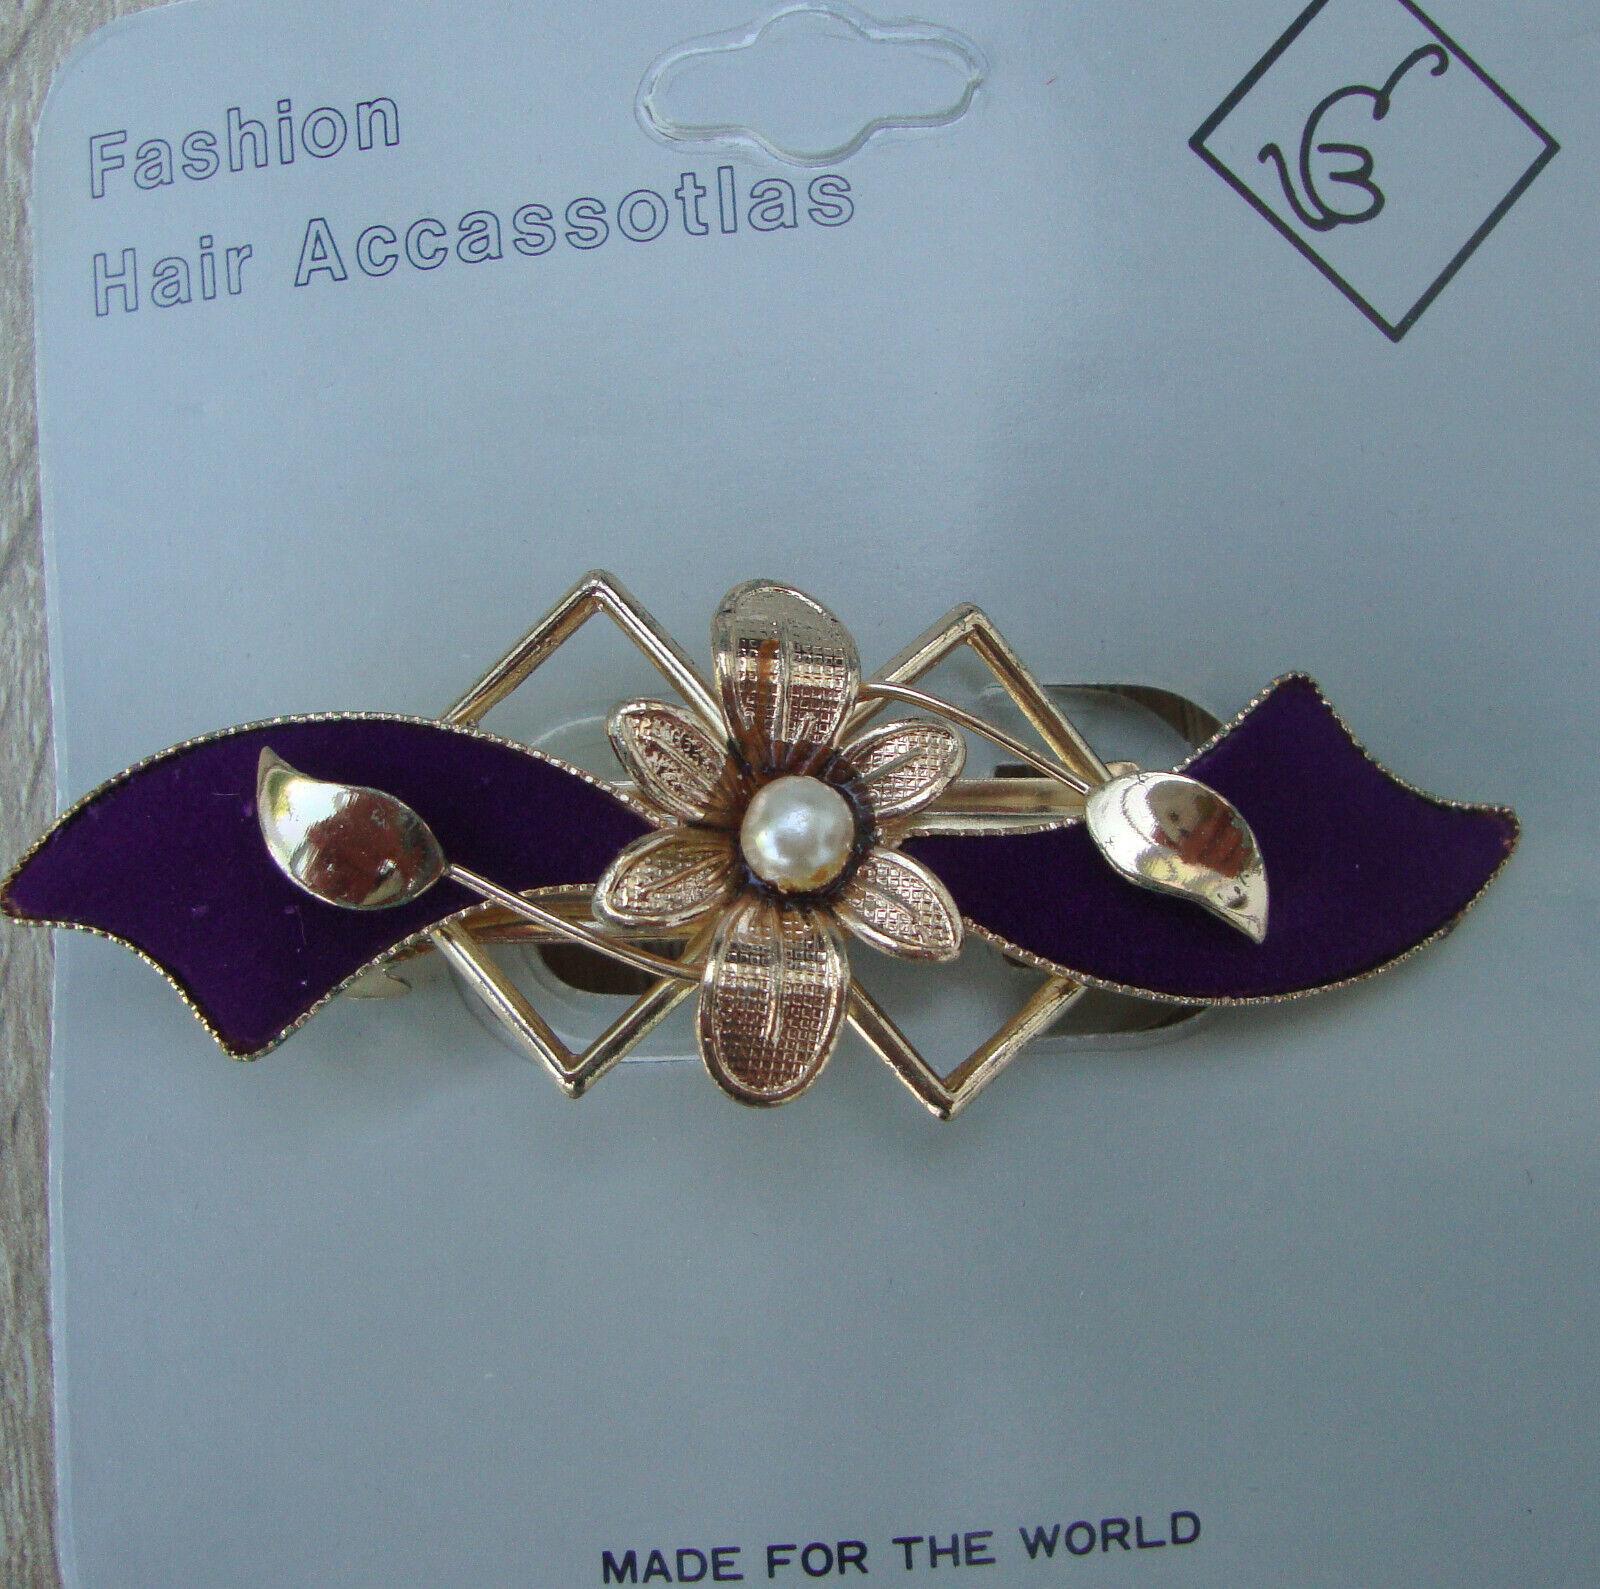 Schöne Metall Haarspange mit Samt/Stoff verziert in 6 Farbvarianten neu